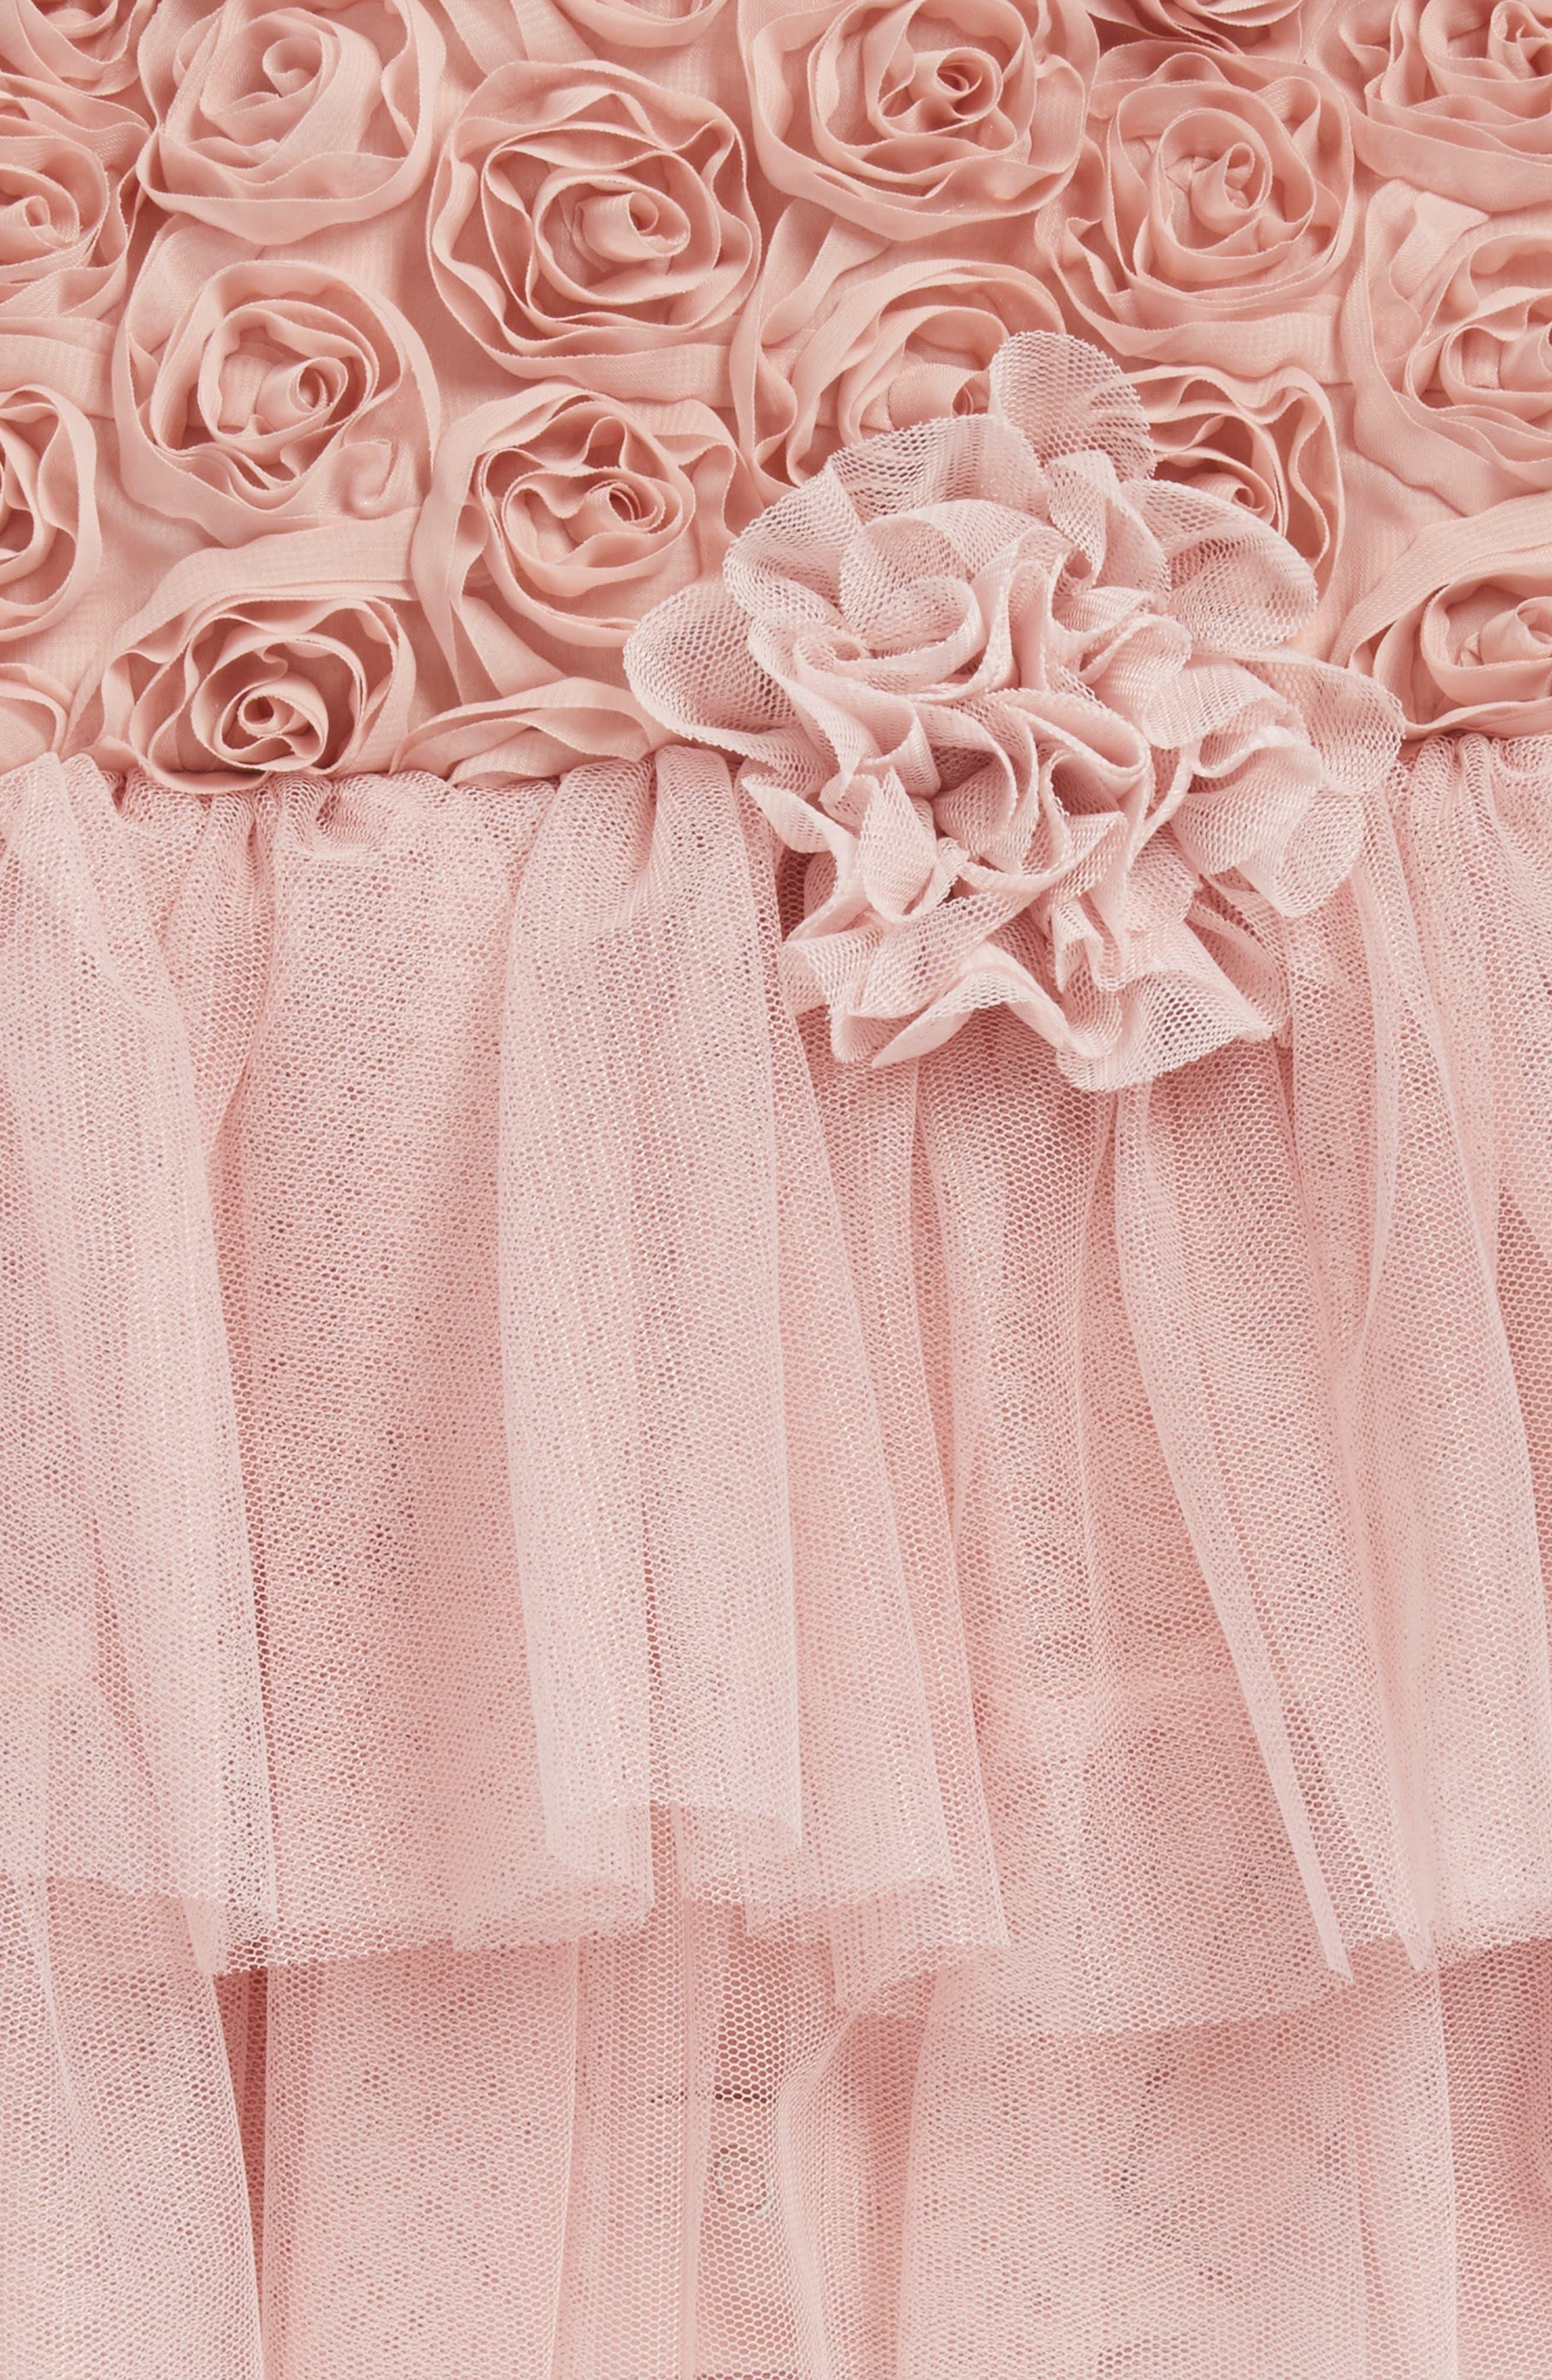 Rosette Tulle Dress,                             Alternate thumbnail 2, color,                             DUSTY PINK